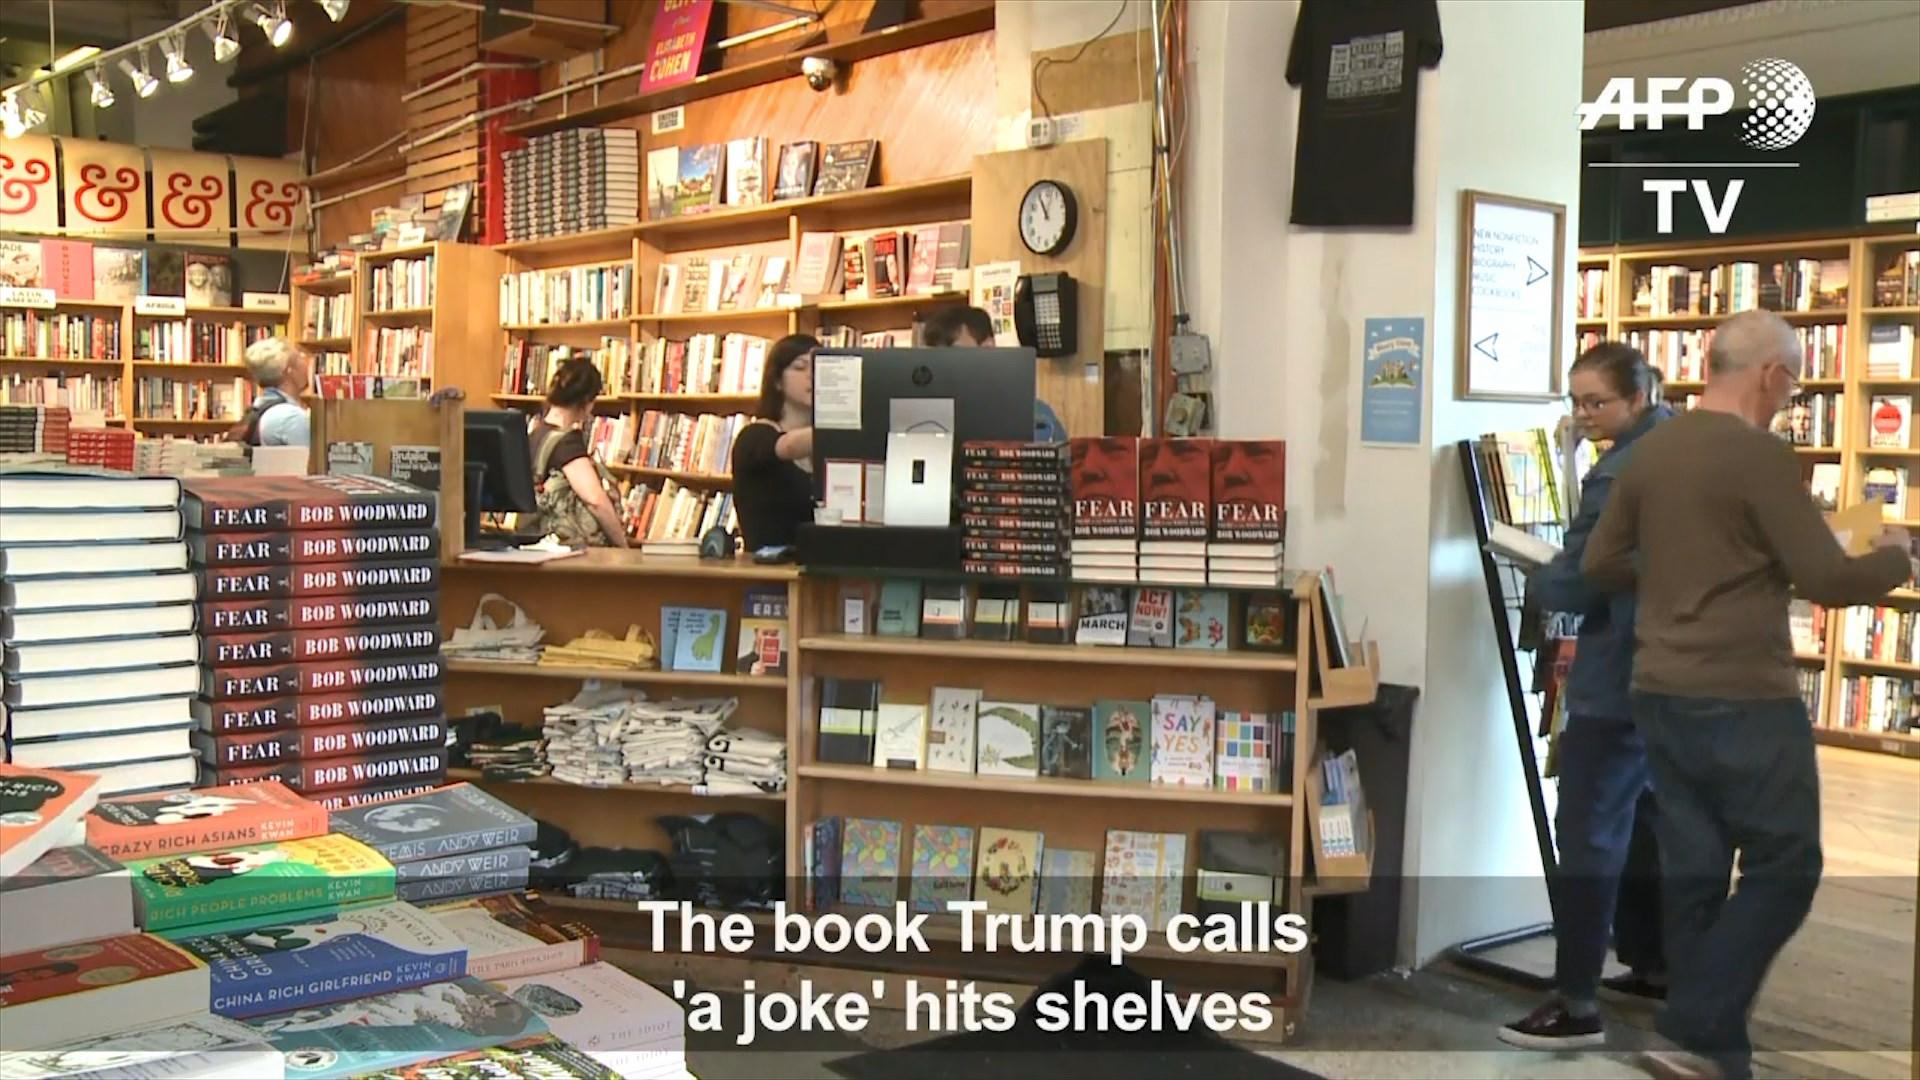 """""""Frika"""" në krye te klasifikimeve, një tjetër libër pritet t'i prishë humorin Trump"""